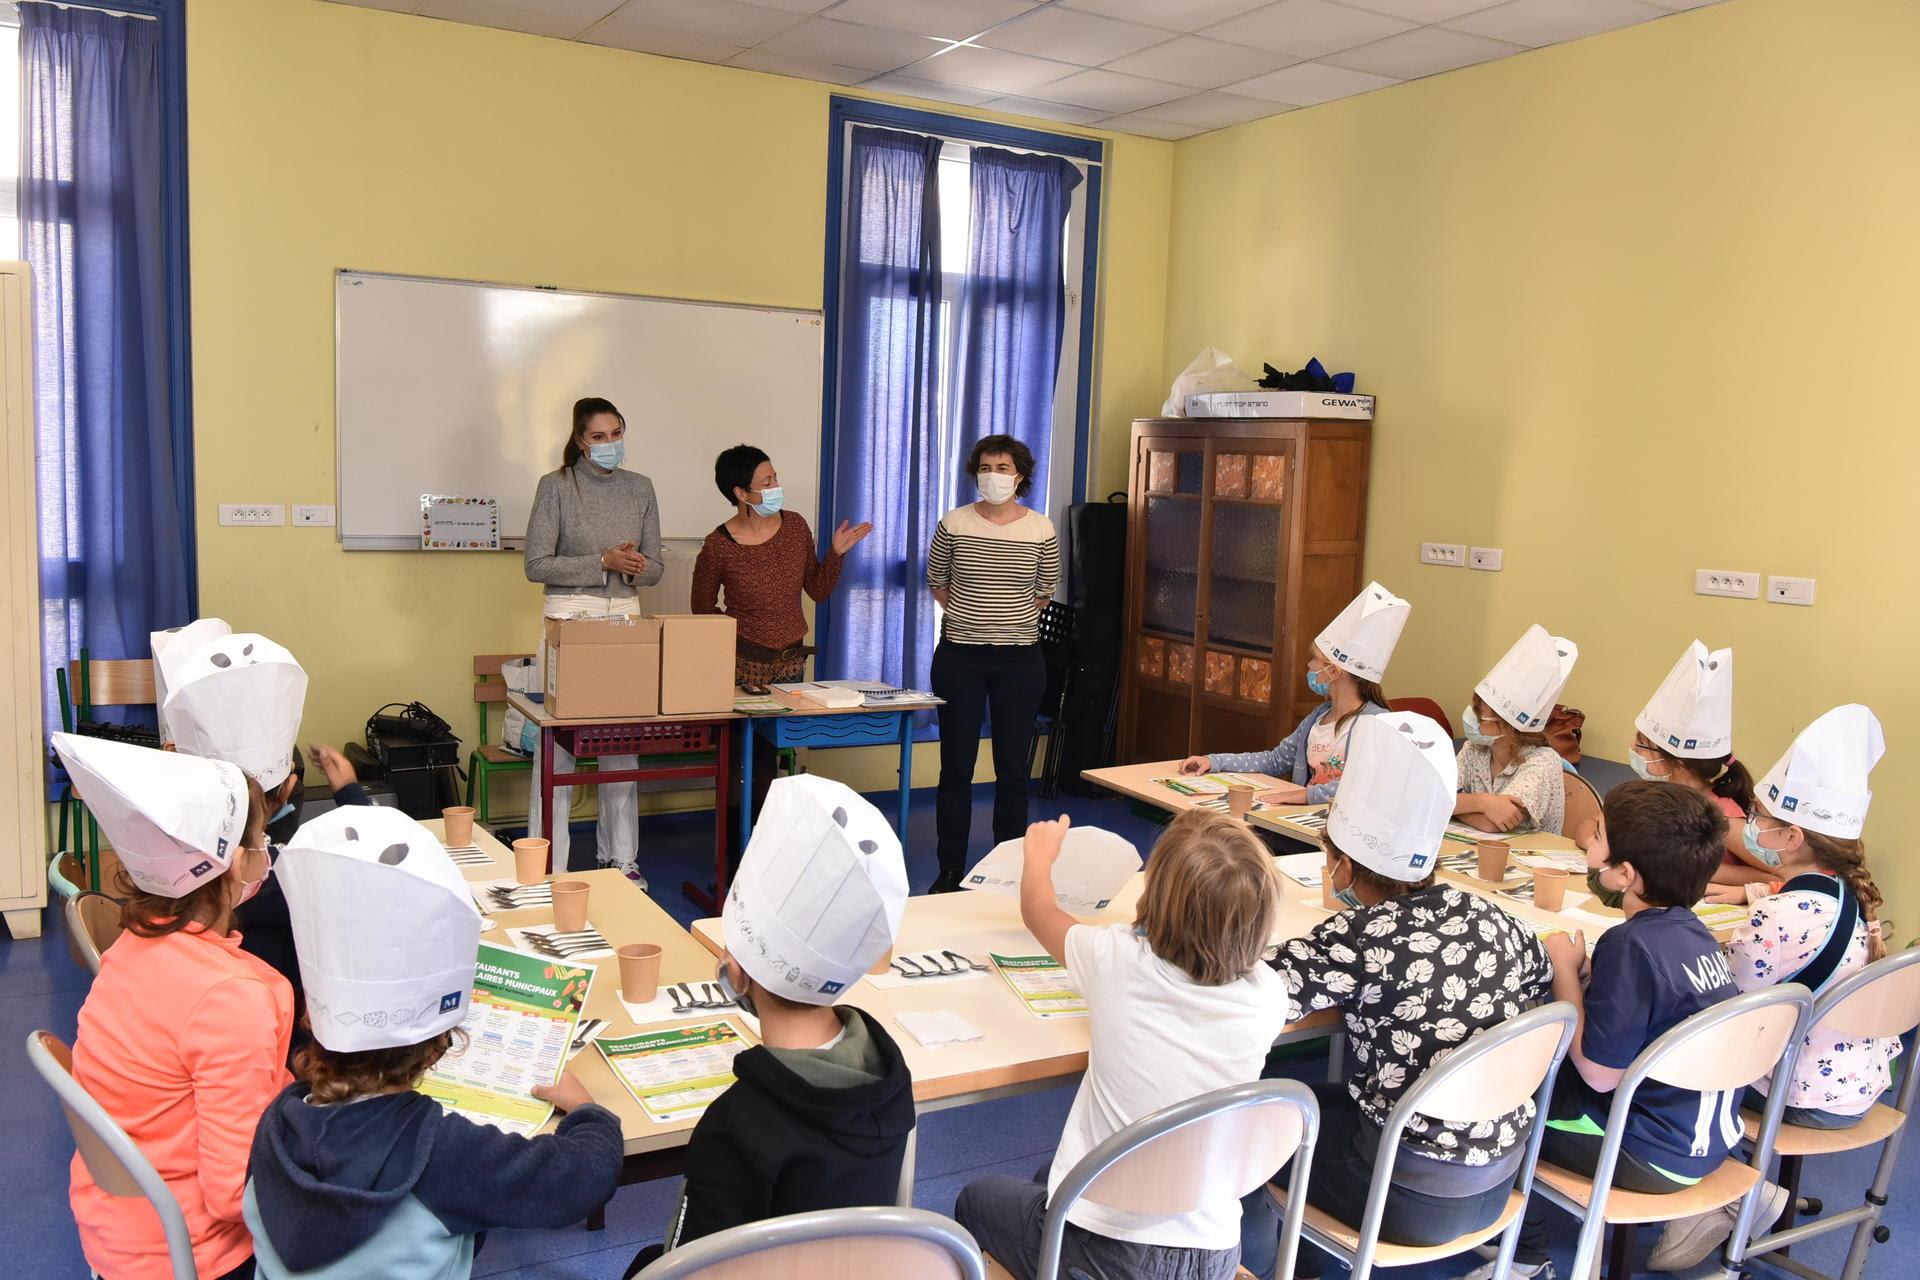 Animations à l'école Jeanne d'Arc hier matin, en présence de Marie Massart, Adjointe au maire de Montpellier, Déléguée à la Politique alimentaire et à l'Agriculture urbaine et des diététiciennes de la Politique alimentaire de la Ville. ©Hugues RUBIO - Ville de Montpellier